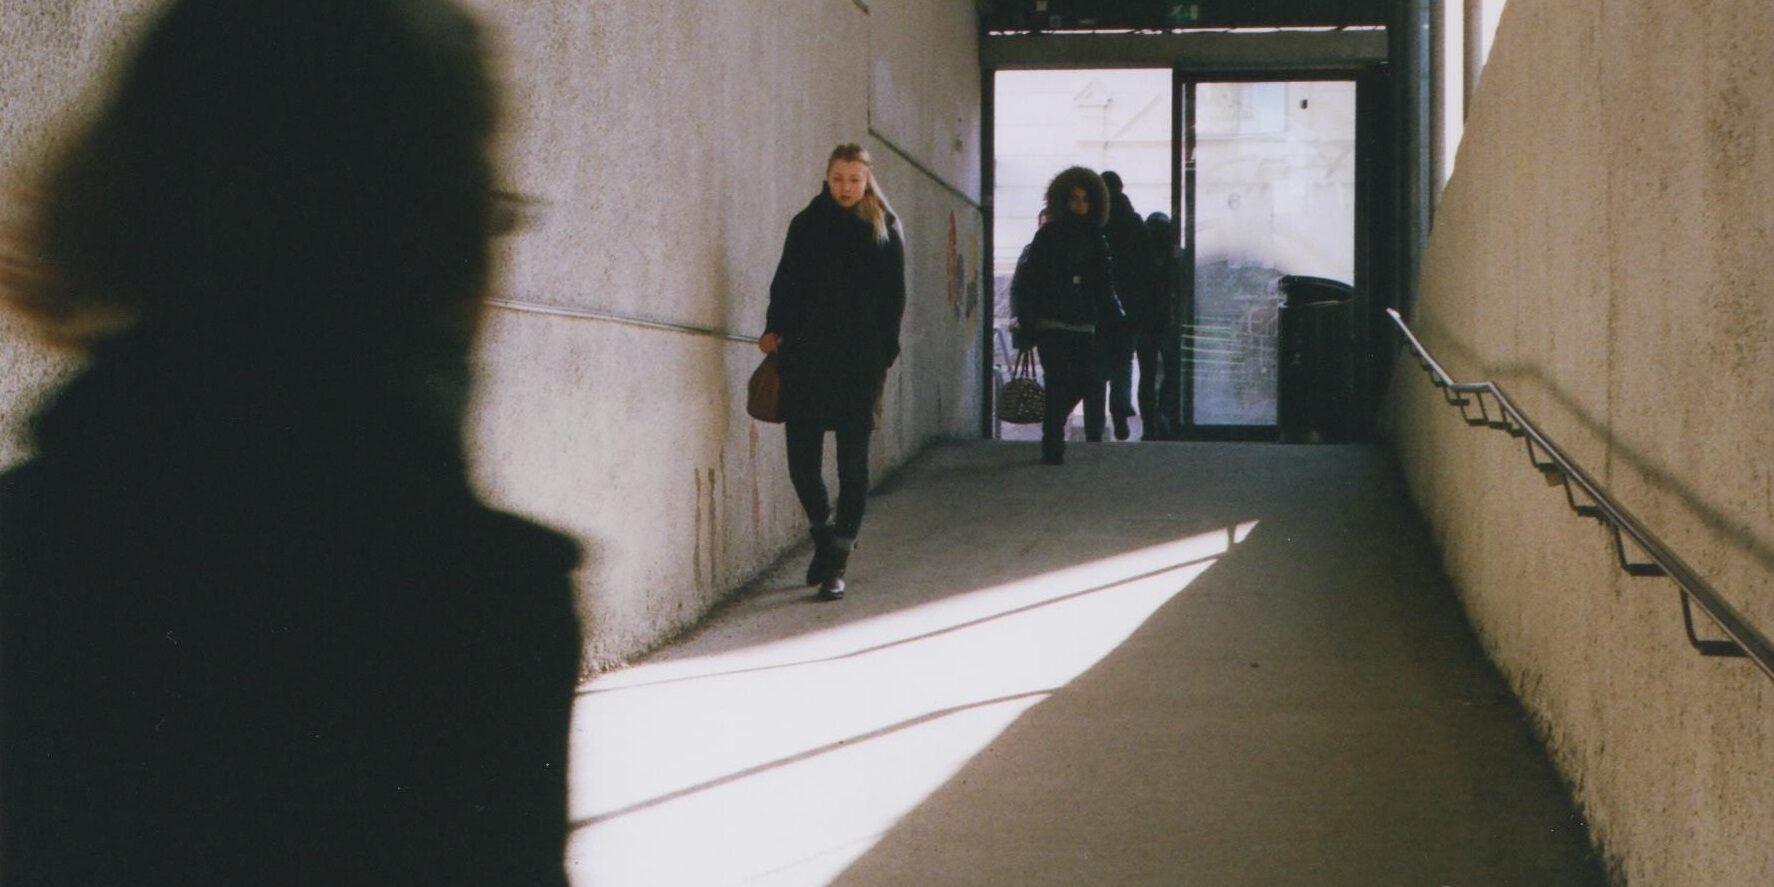 Toisiinsa etäisyyttä pitäviä ihmisiä kävelemässä käytävällä